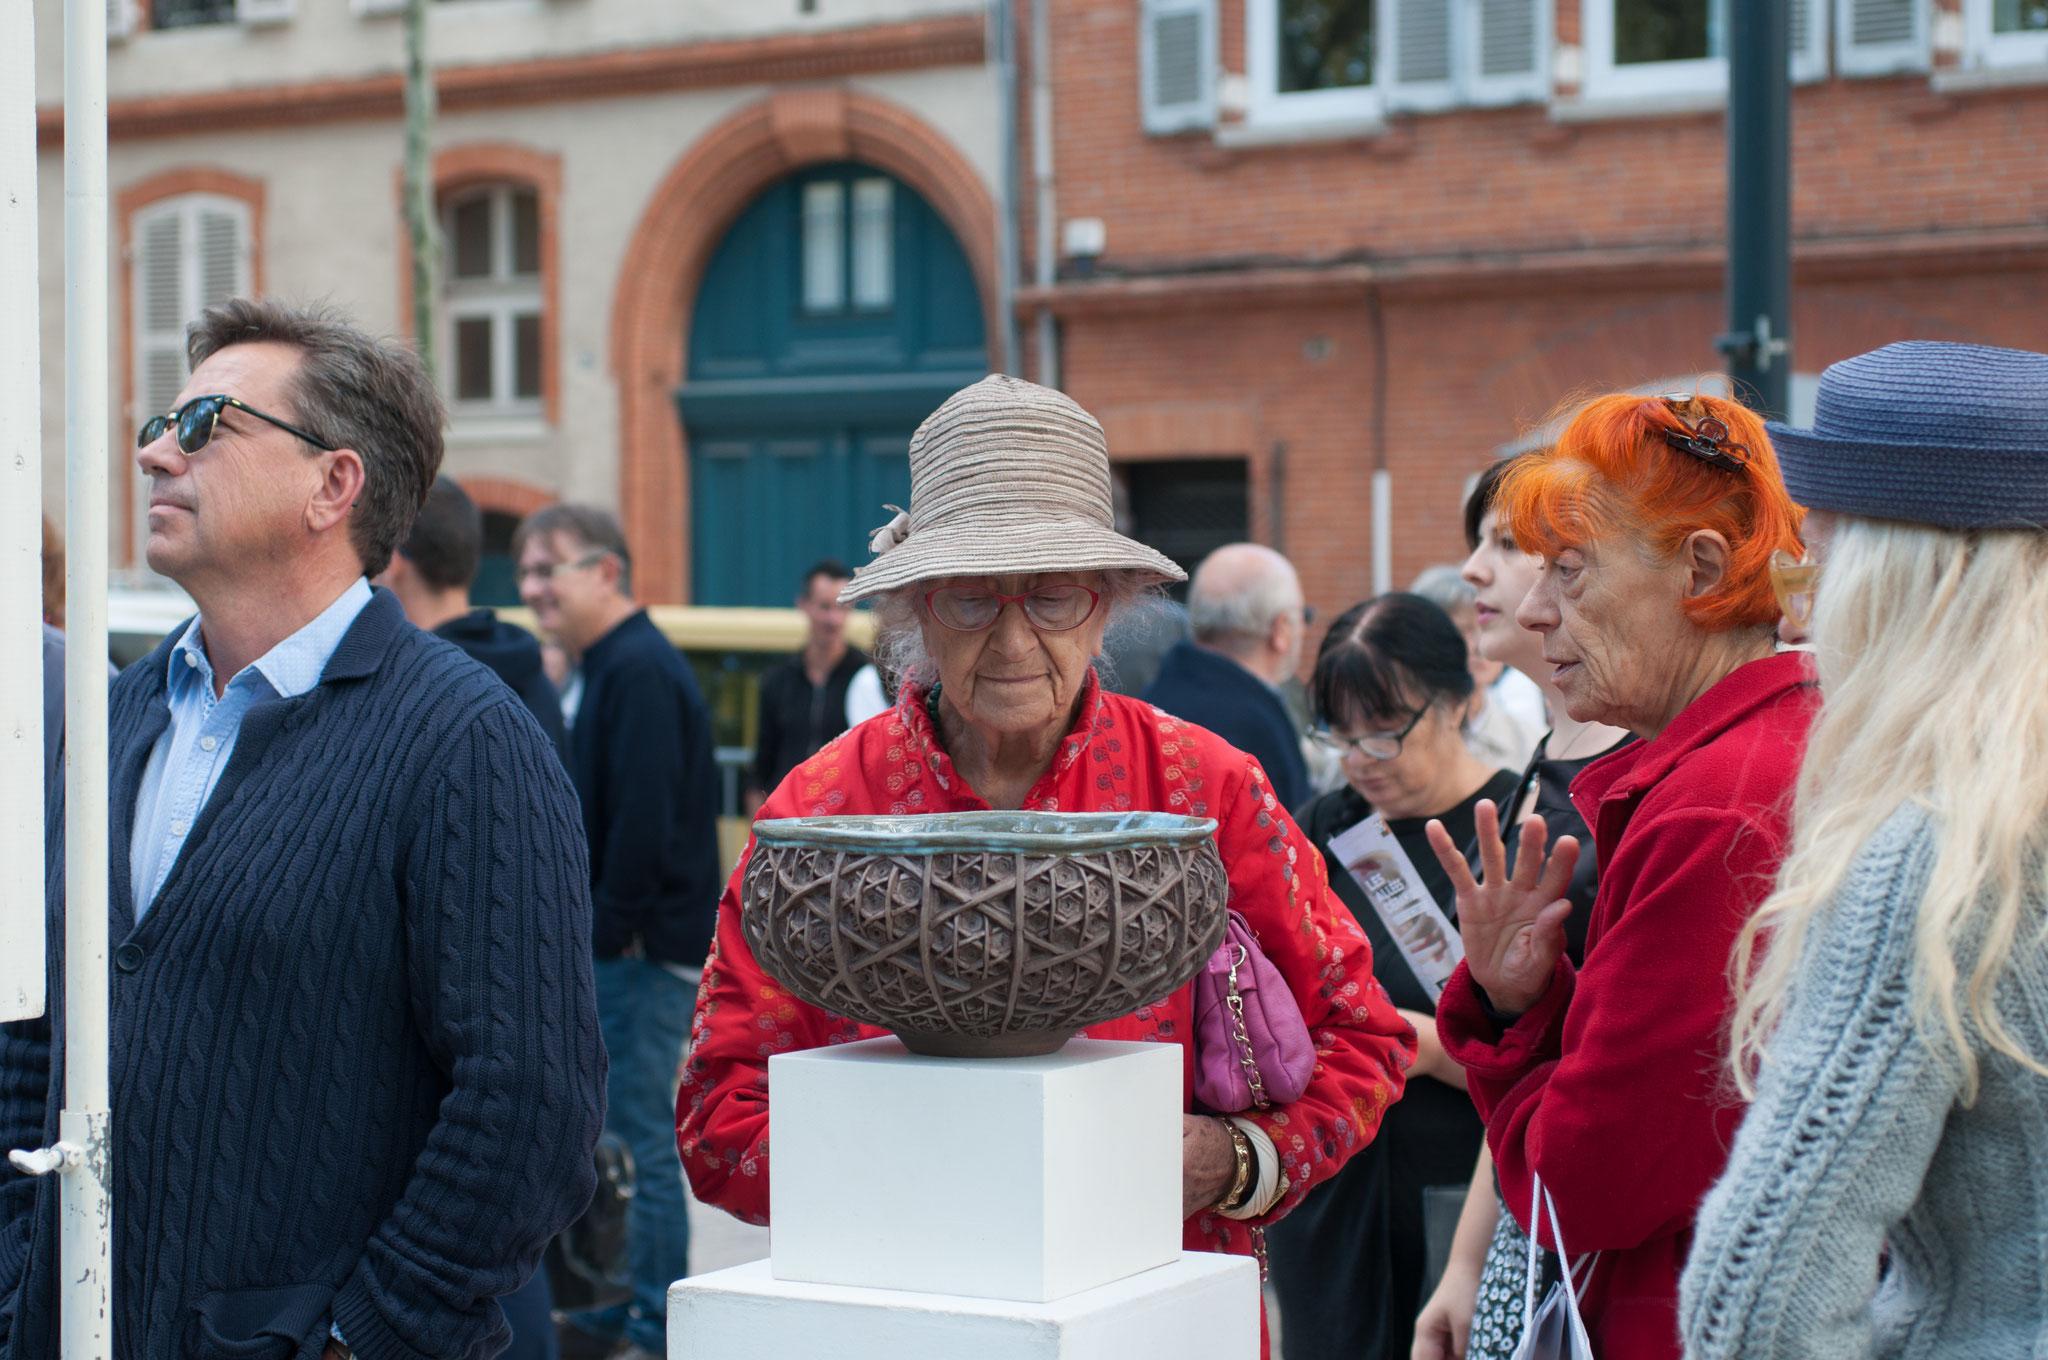 image7 49 | Terre et Terres | Marché Toulouse | Les Allées Céramique à Toulouse les 8 et 9 octobre 2016 | Article | Terre et Terres | 1 novembre 2017